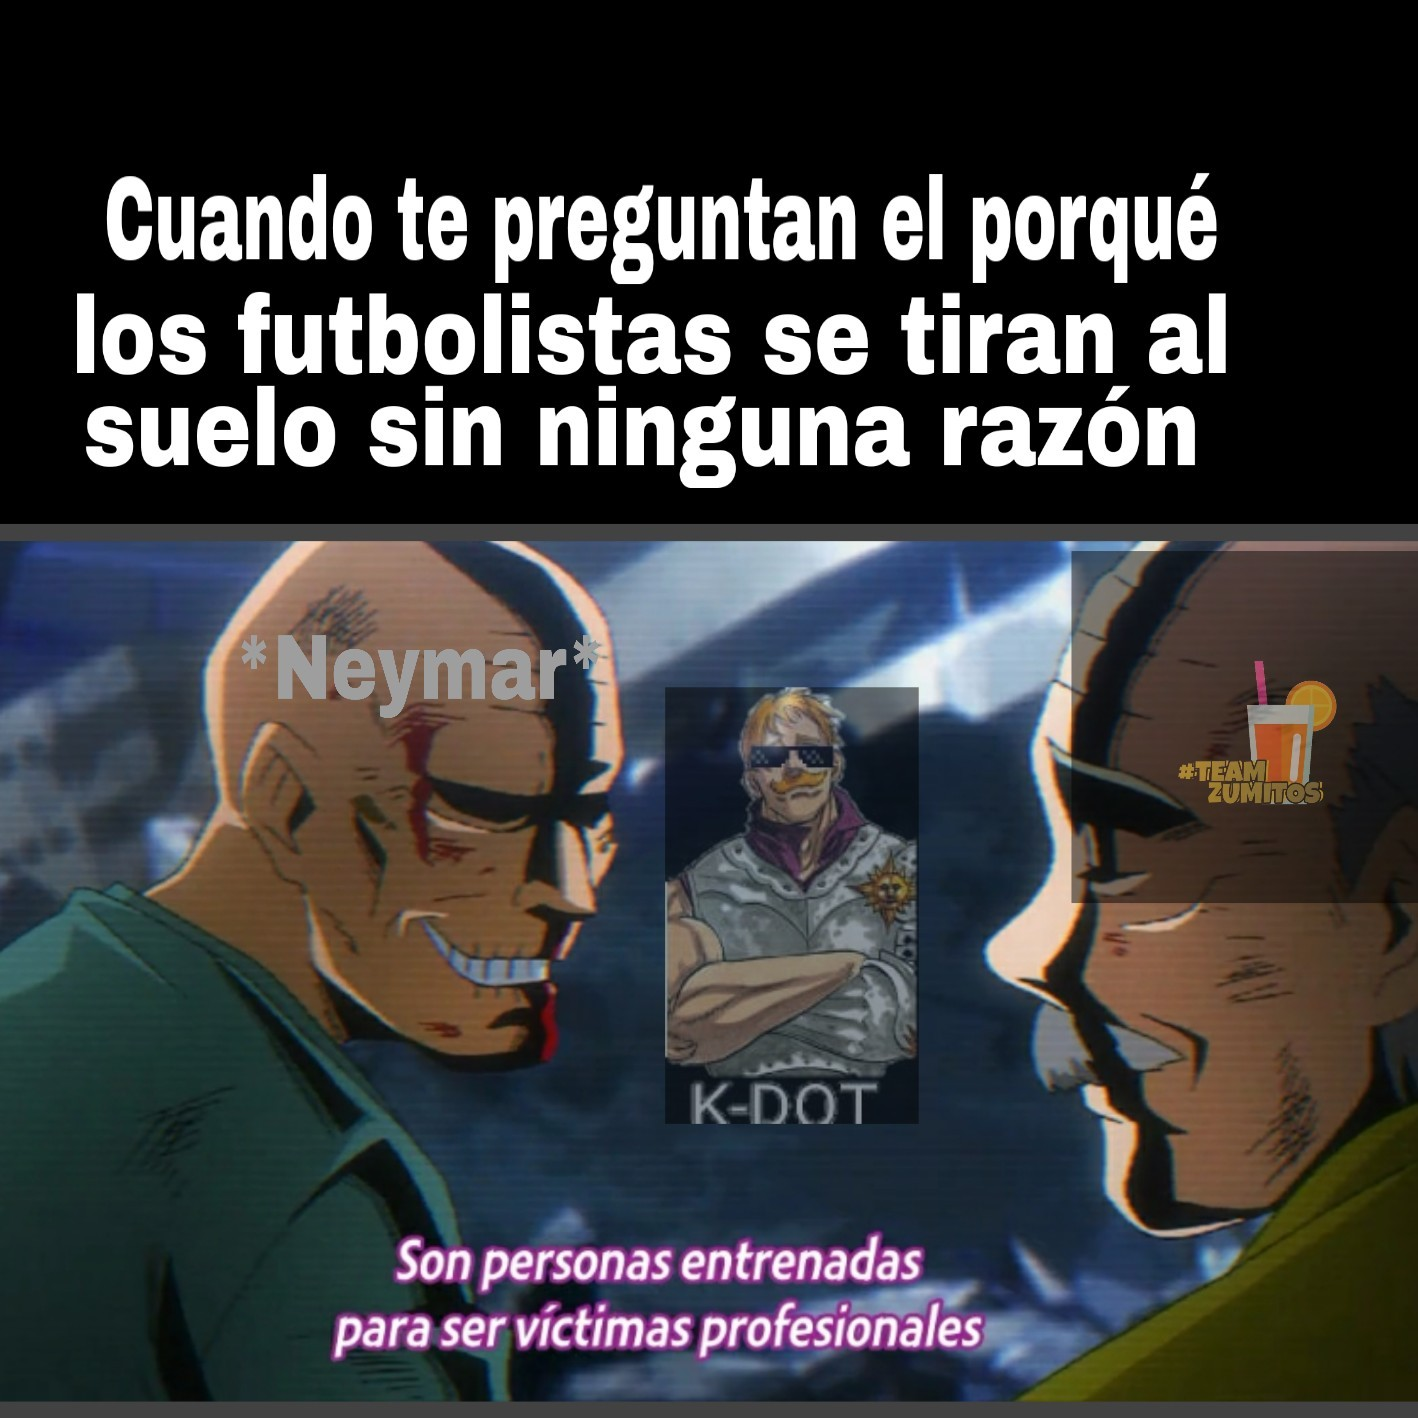 Los futbolistas - meme